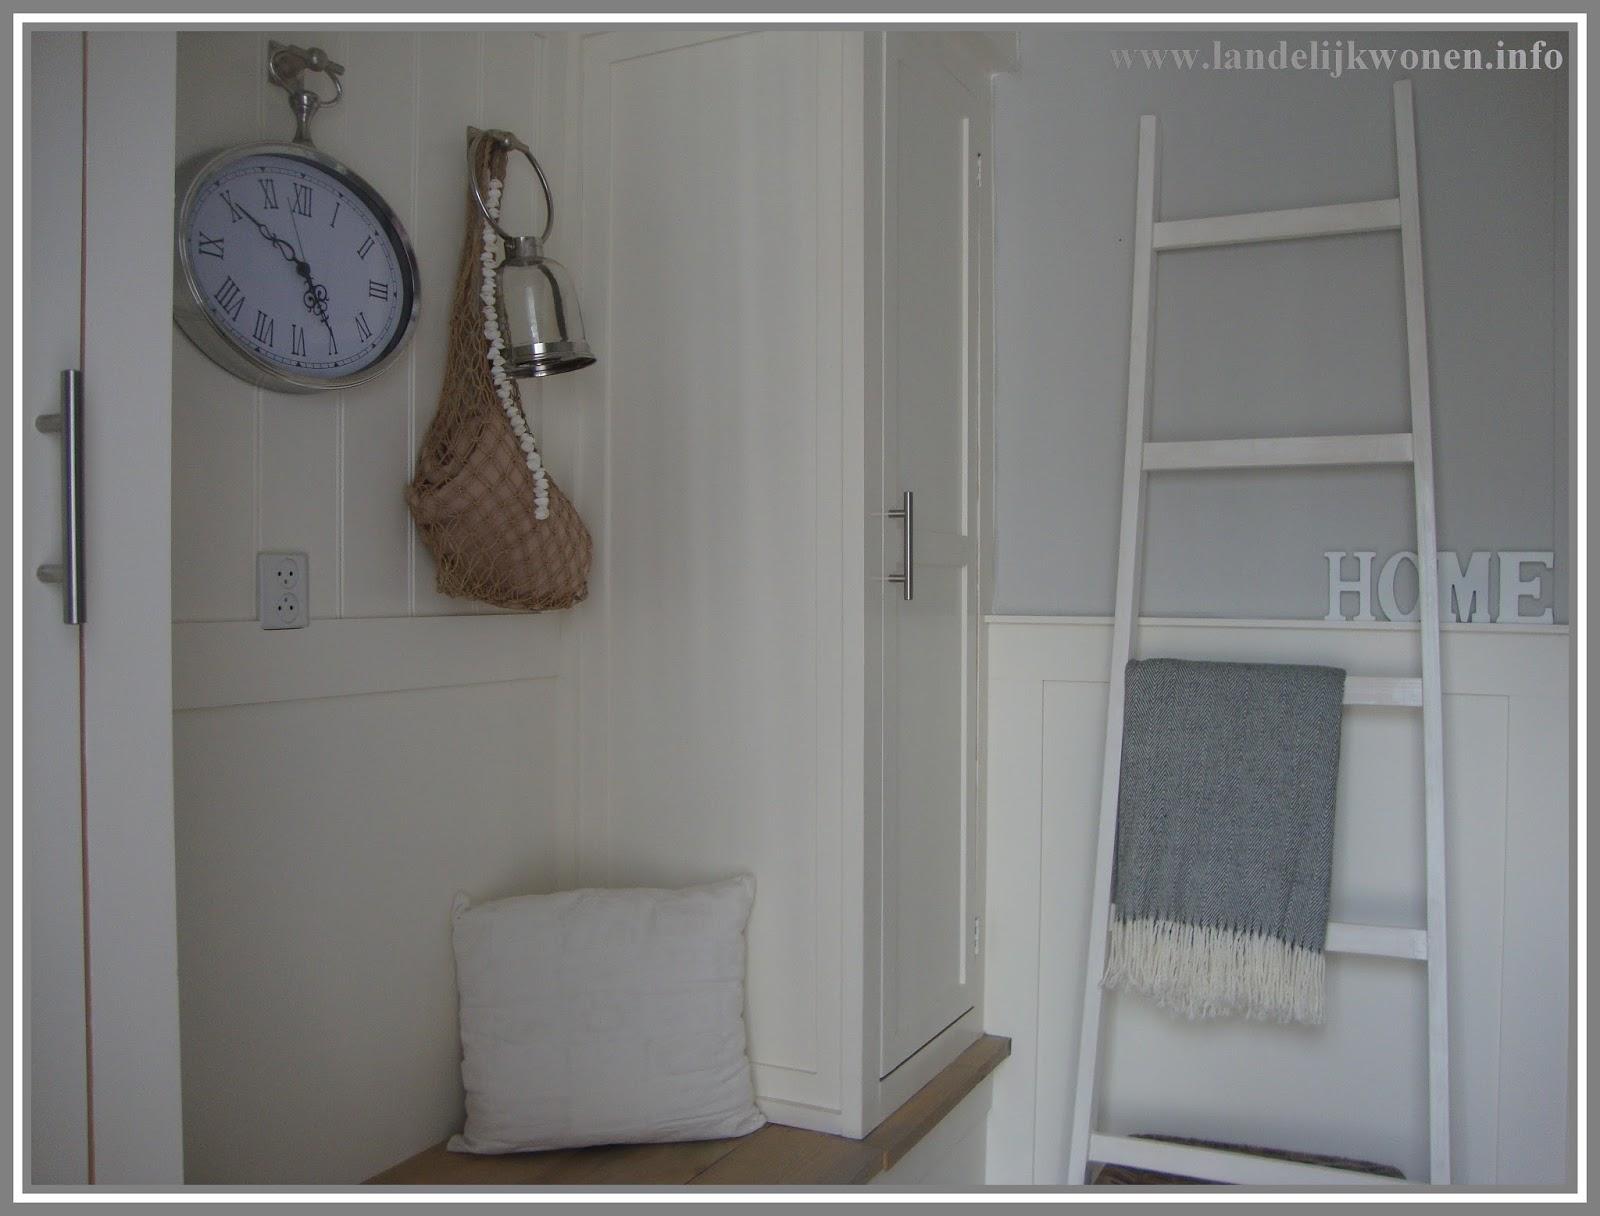 Zeer Landelijk Wonen: Interieur idee: Decoratieve Ladder zelf maken @VG75